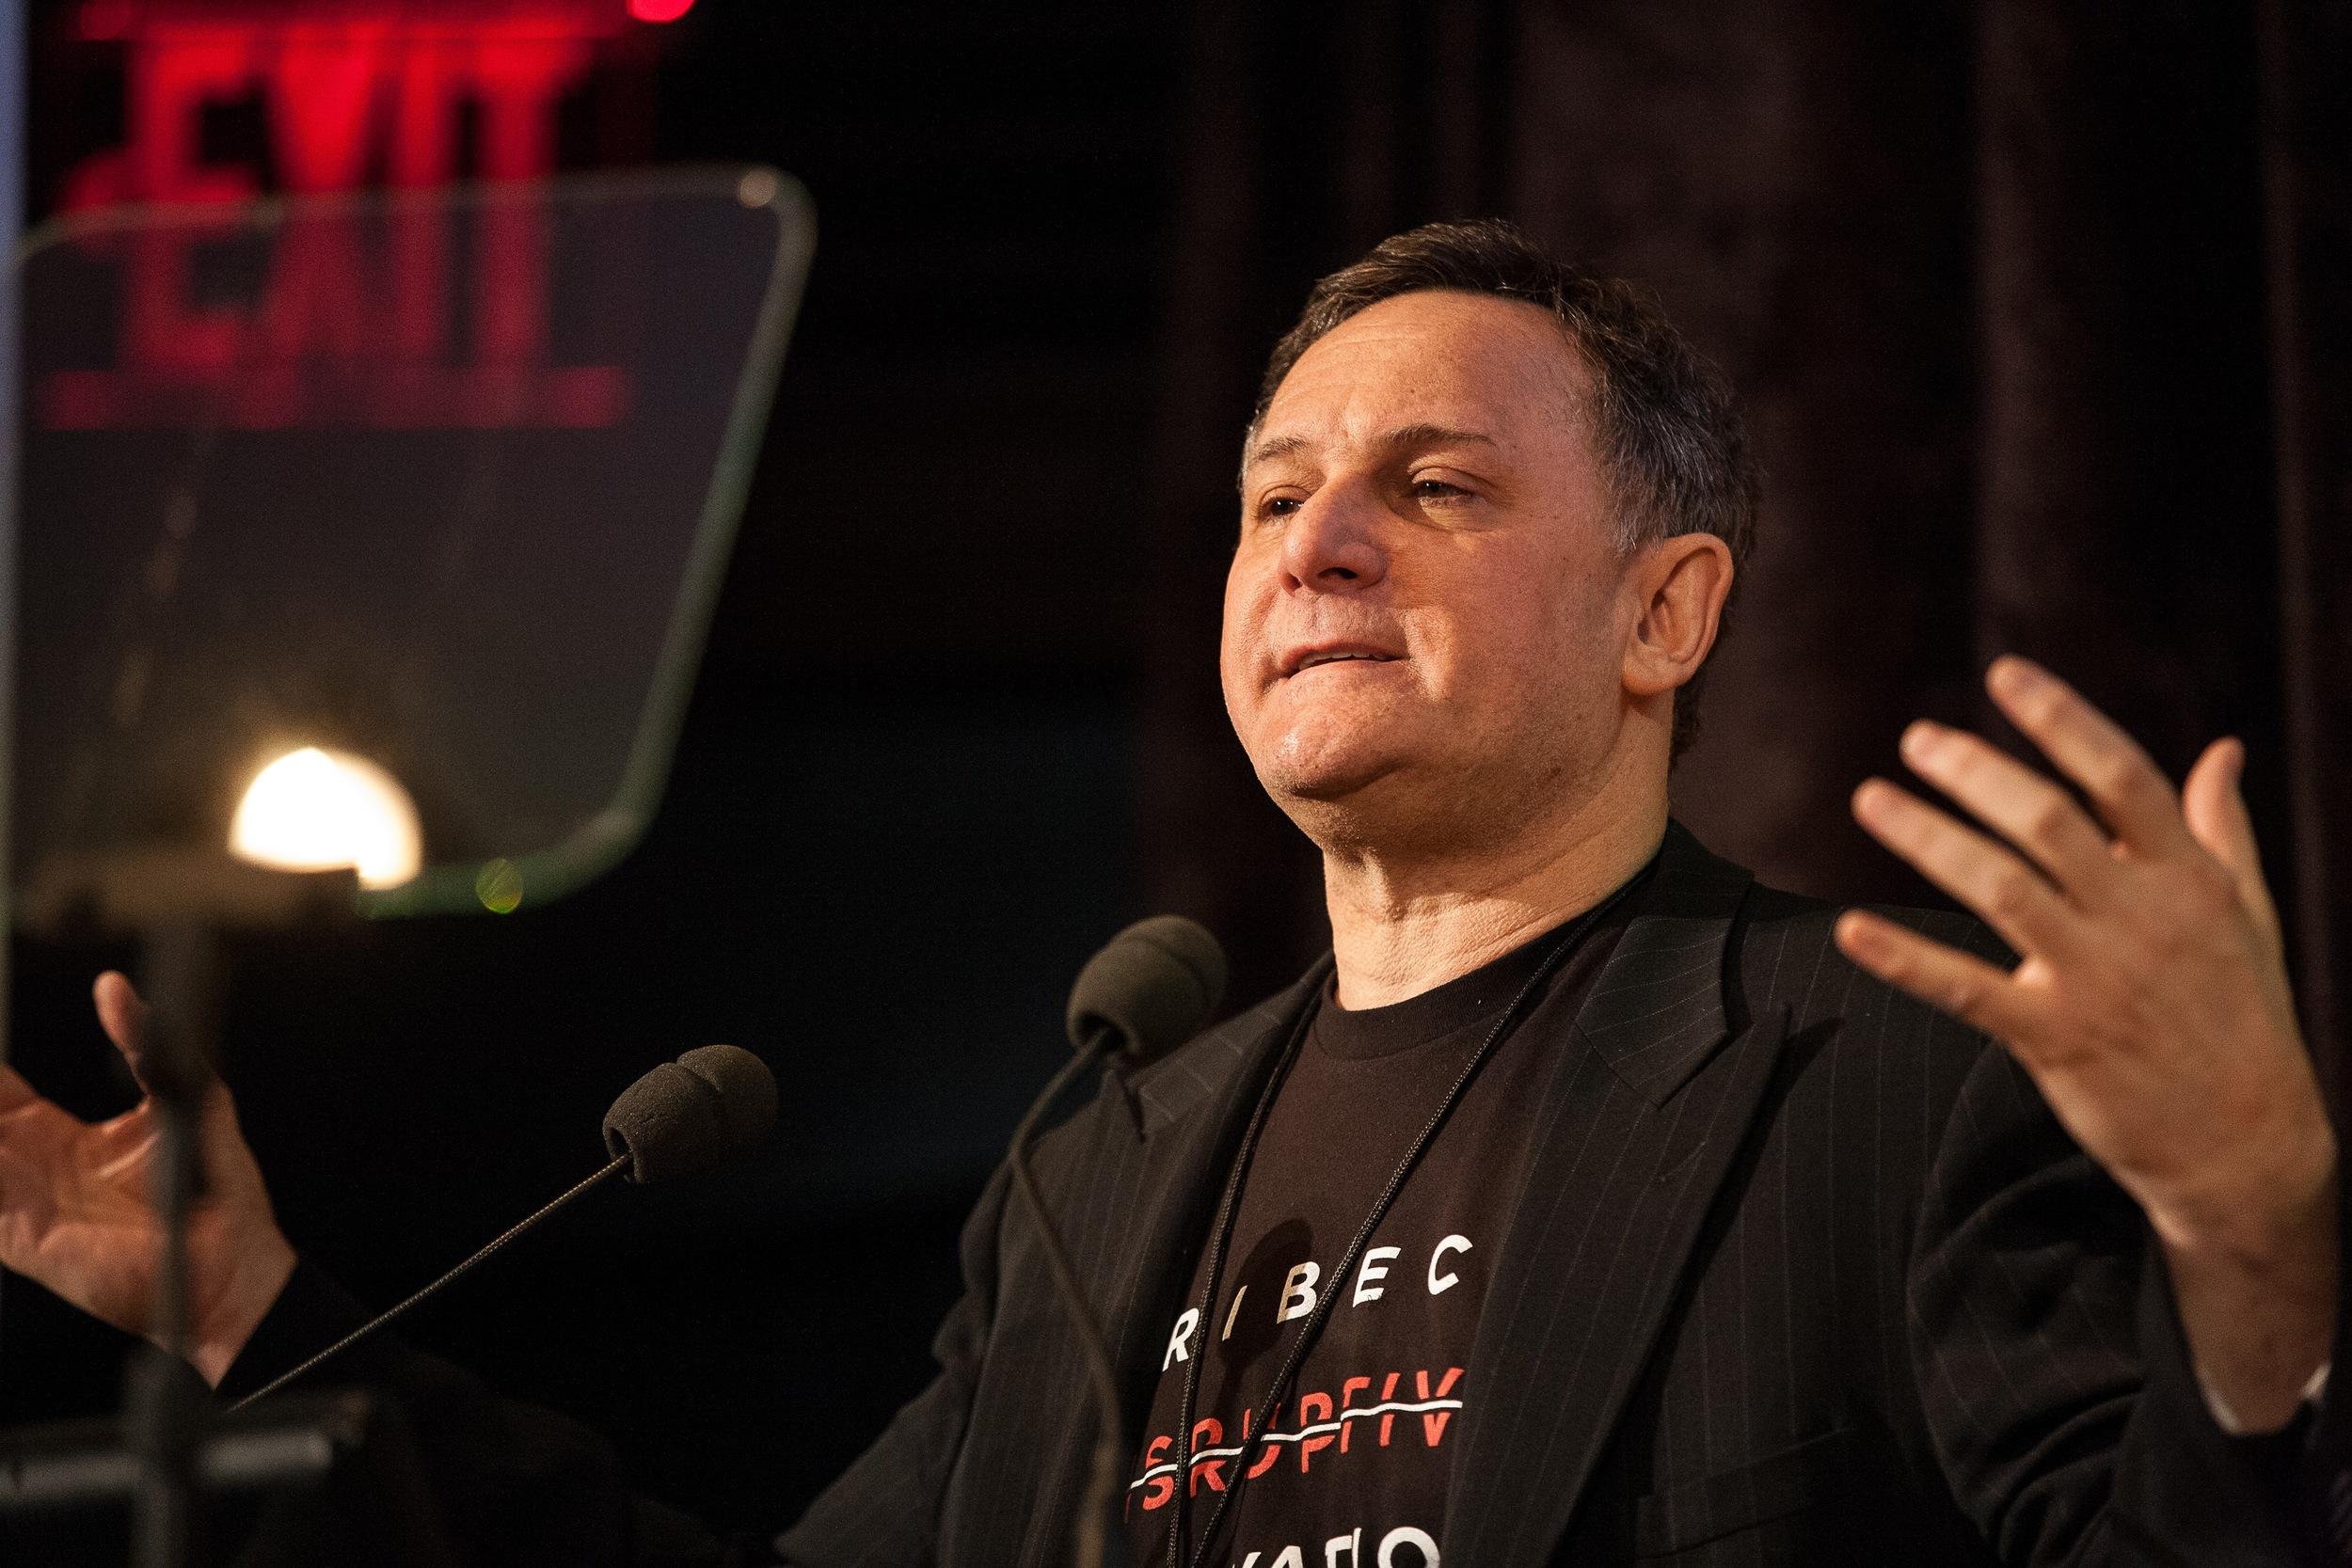 Tribeca Disruptive Innovation Awards 2013 - 042.jpg